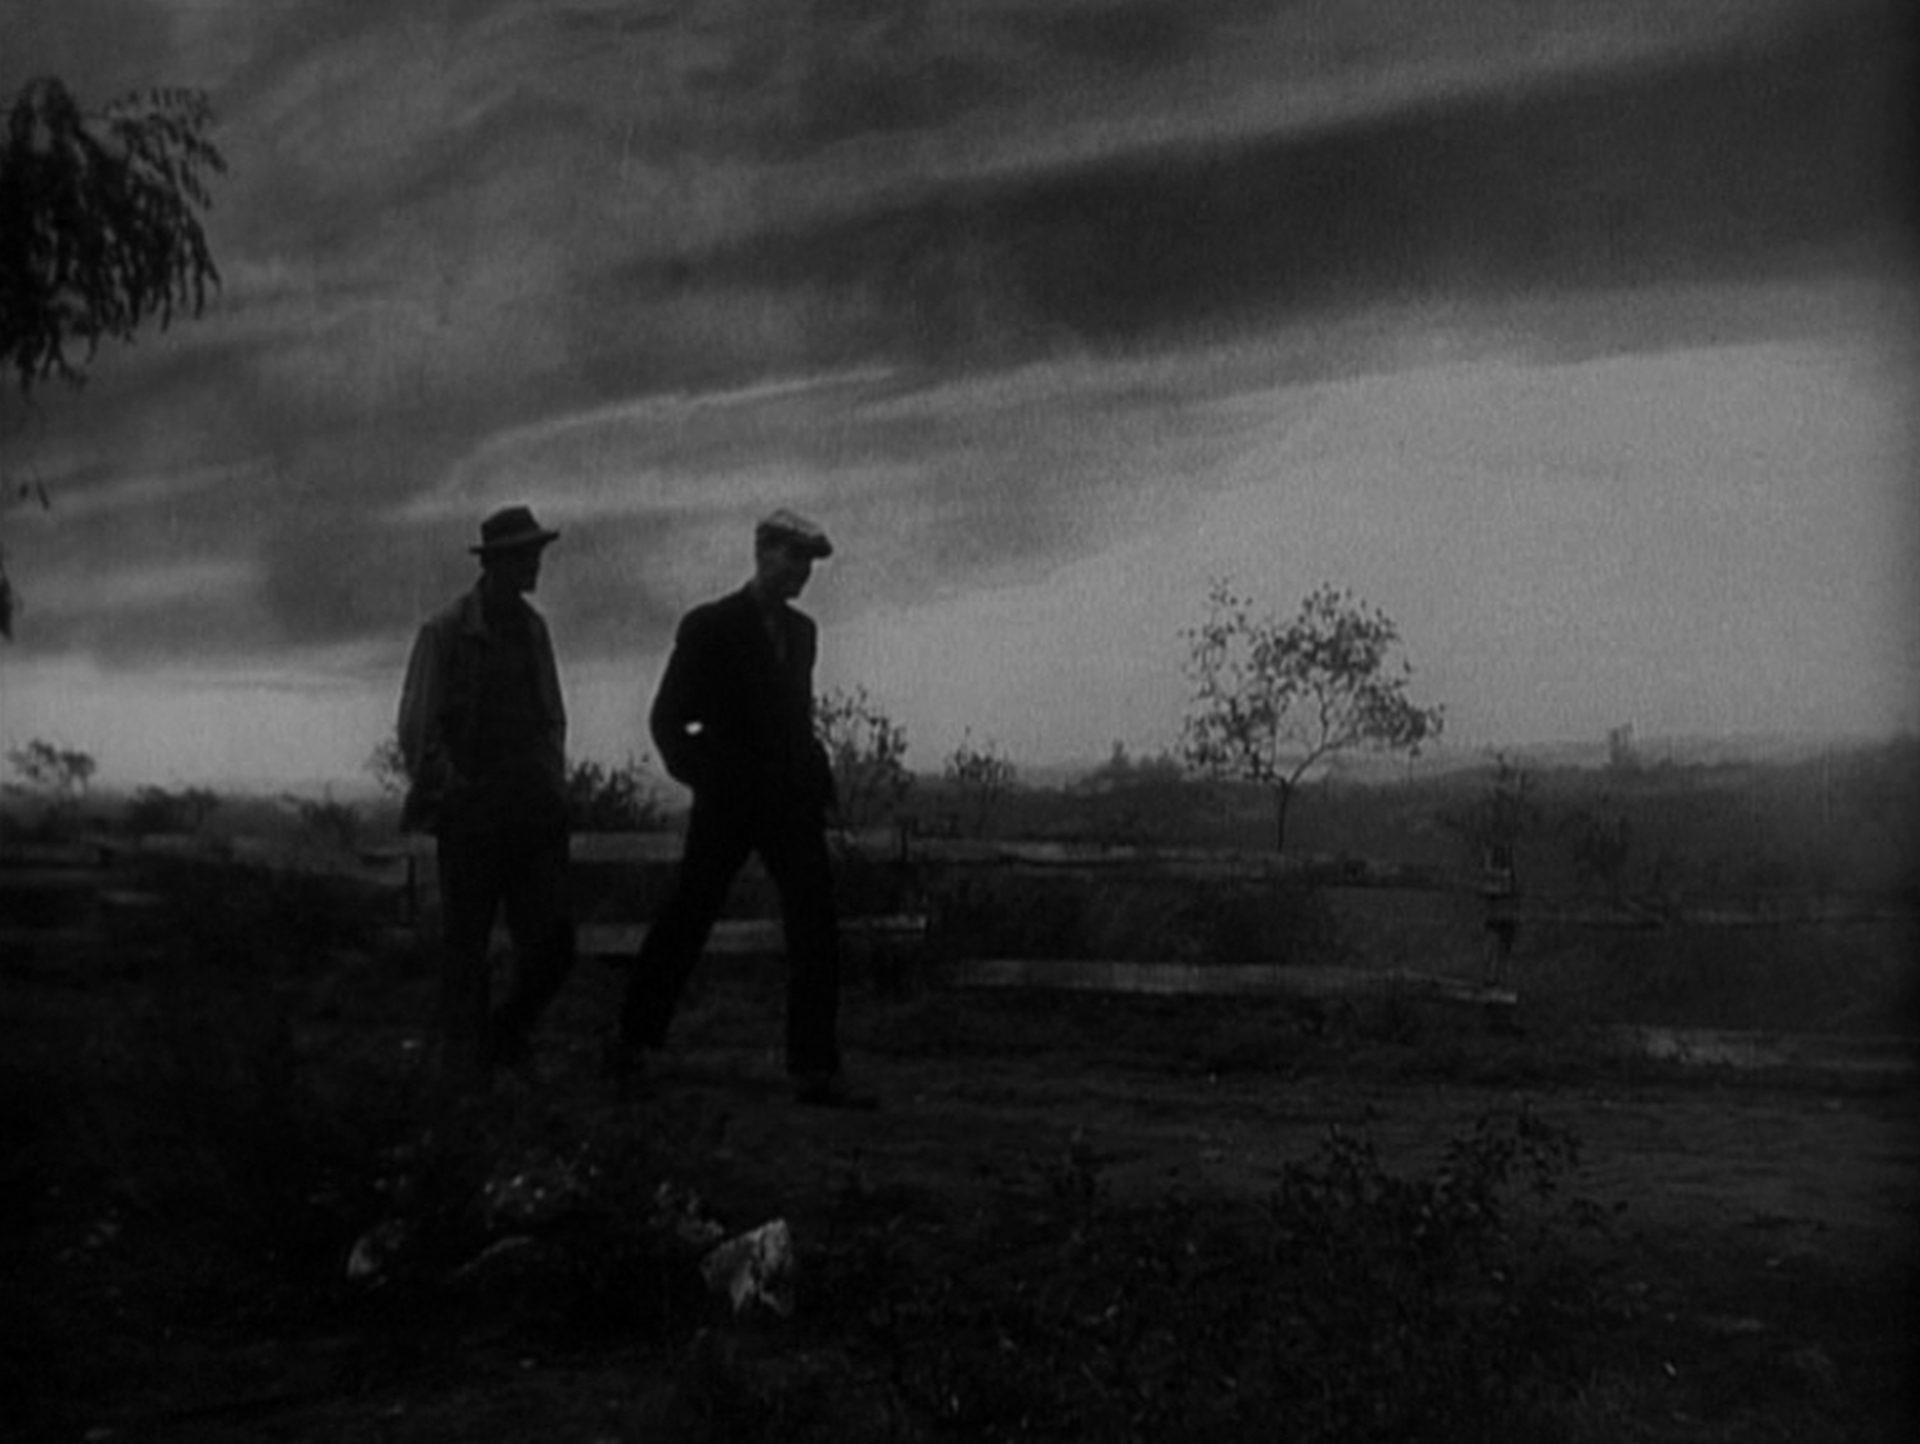 Zwei Männer durchschreiten in der Dämmerung eine triste Umgebung.